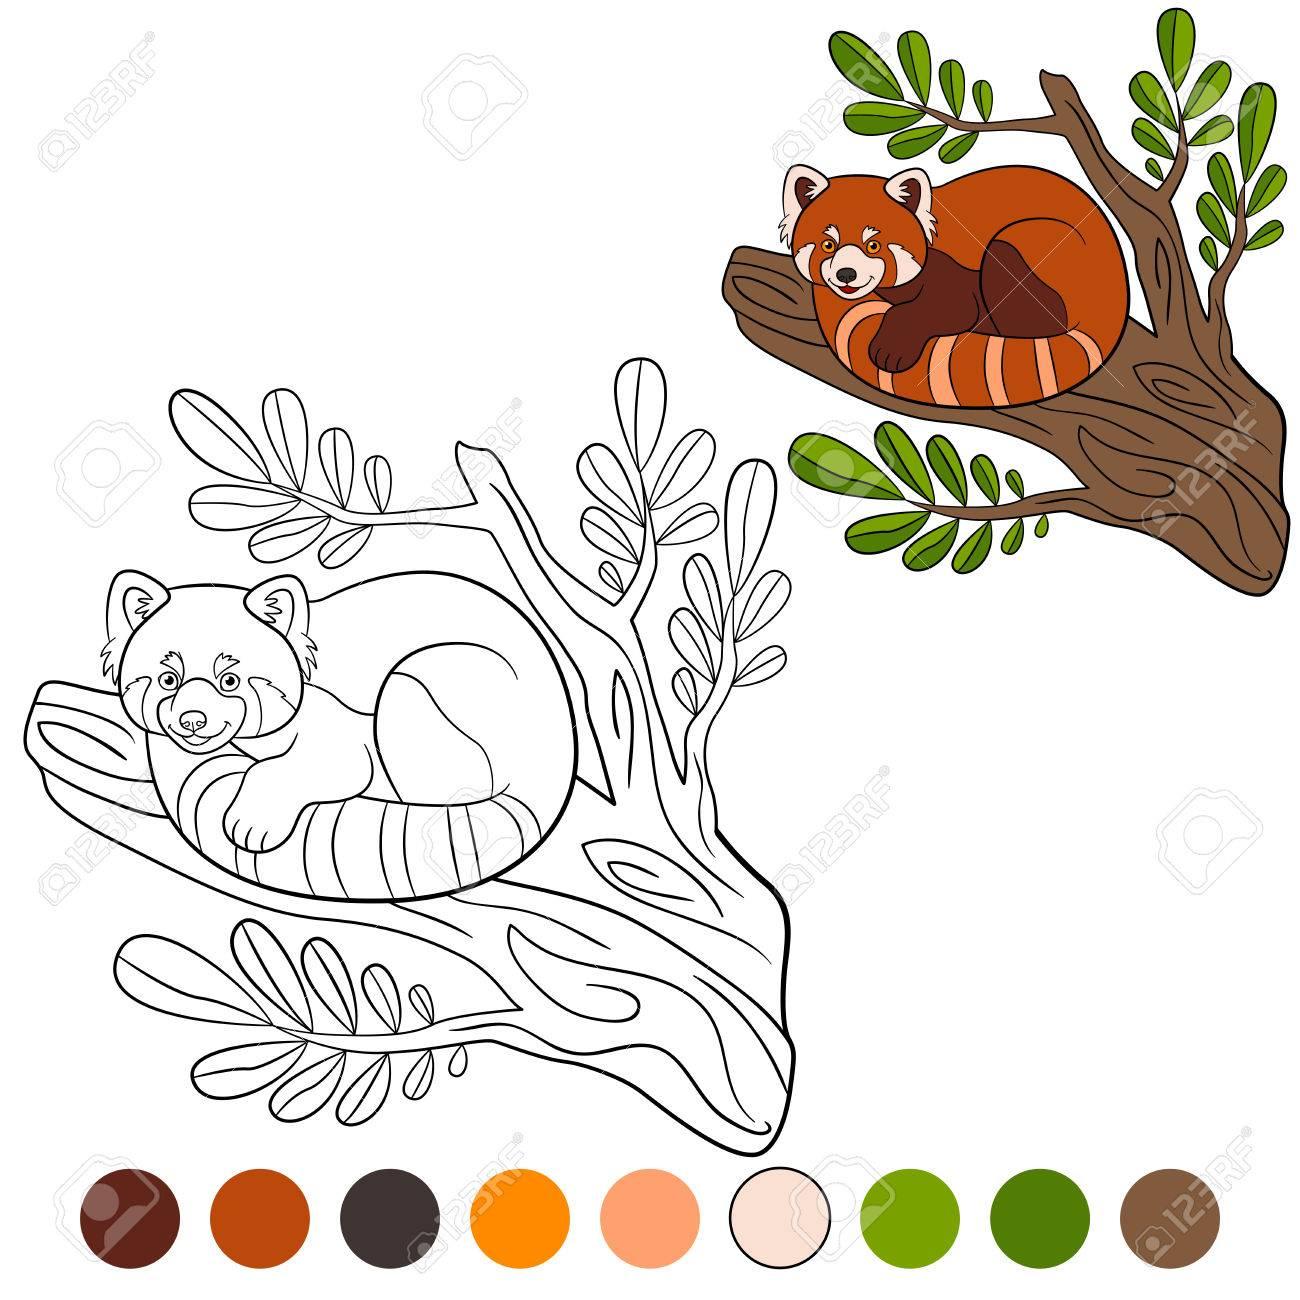 Dibujo Para Colorear: Panda Rojo. Pequeño Panda Rojo Lindo En La ...